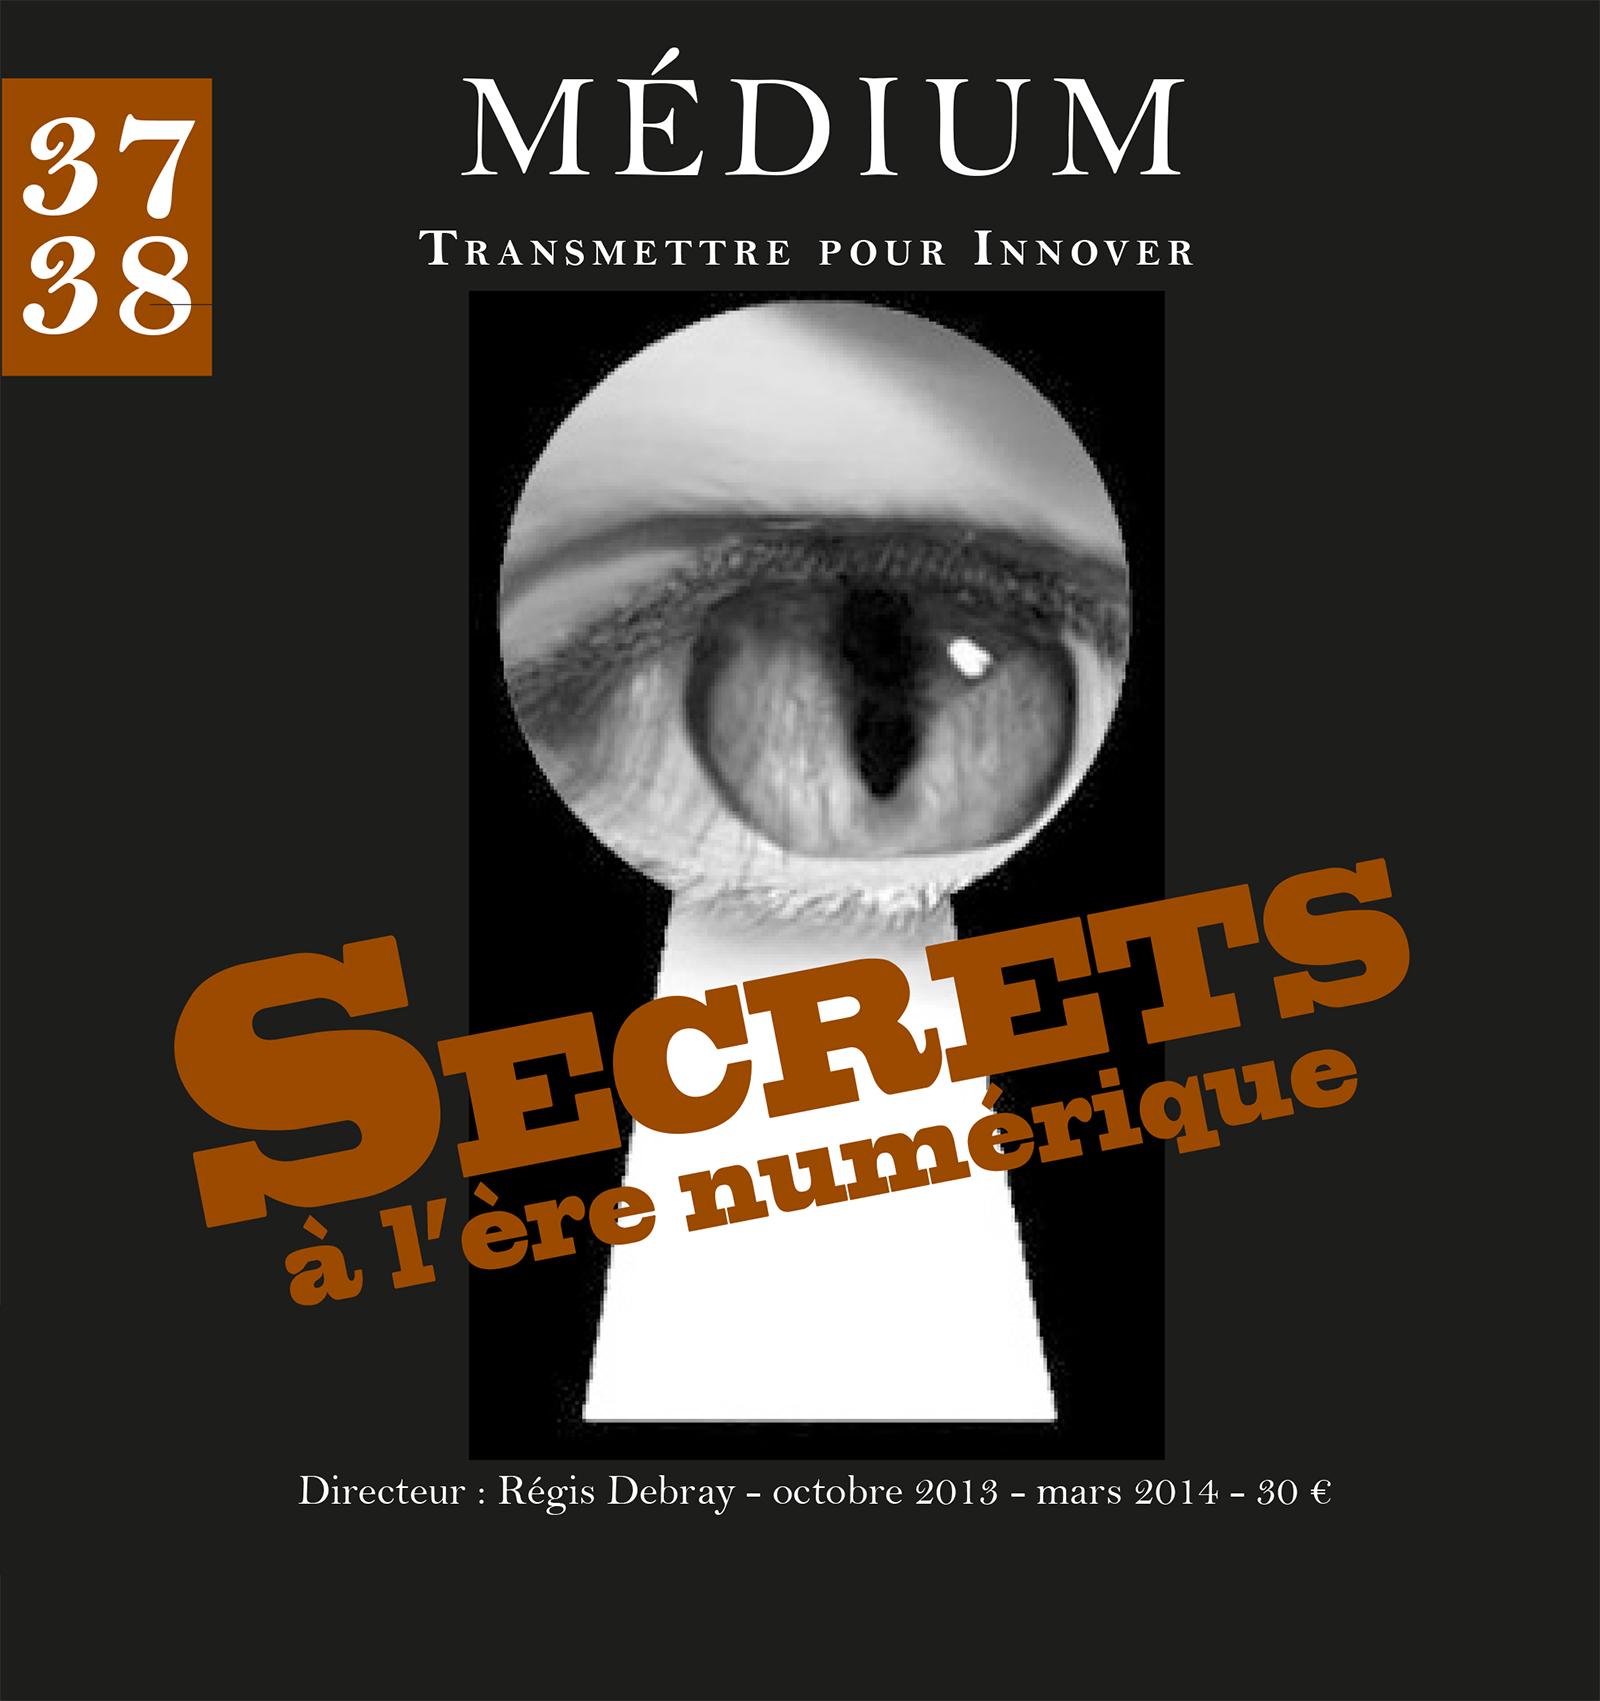 Secrets à l'ère numérique (Médium n°37-38, octobre 2013 - mars 2014)